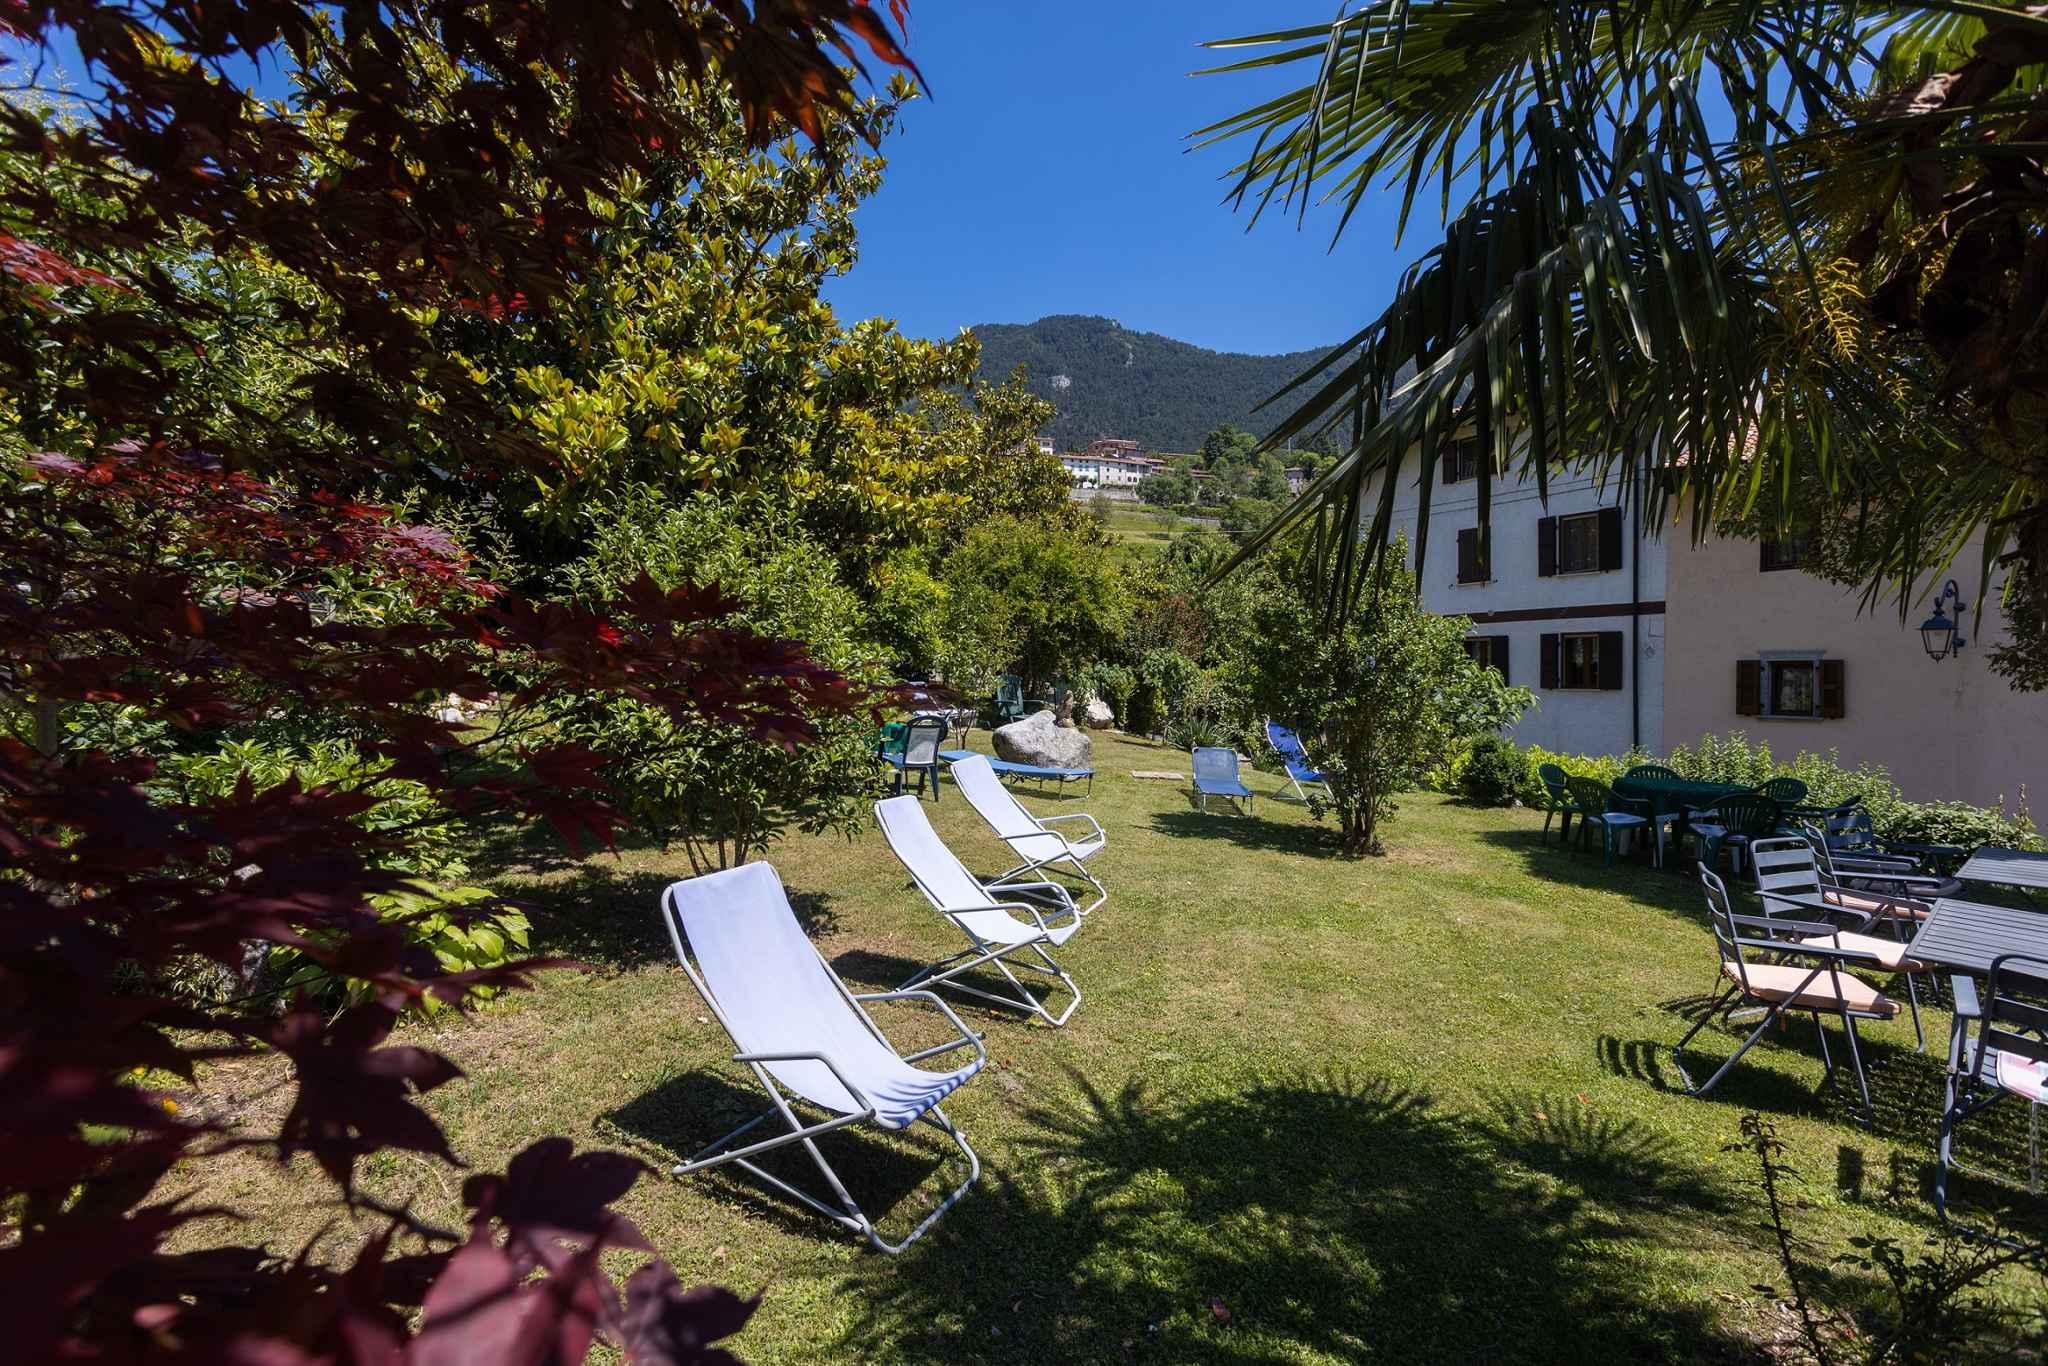 Ferienwohnung in quiet area   Gardasee - Lago di Garda